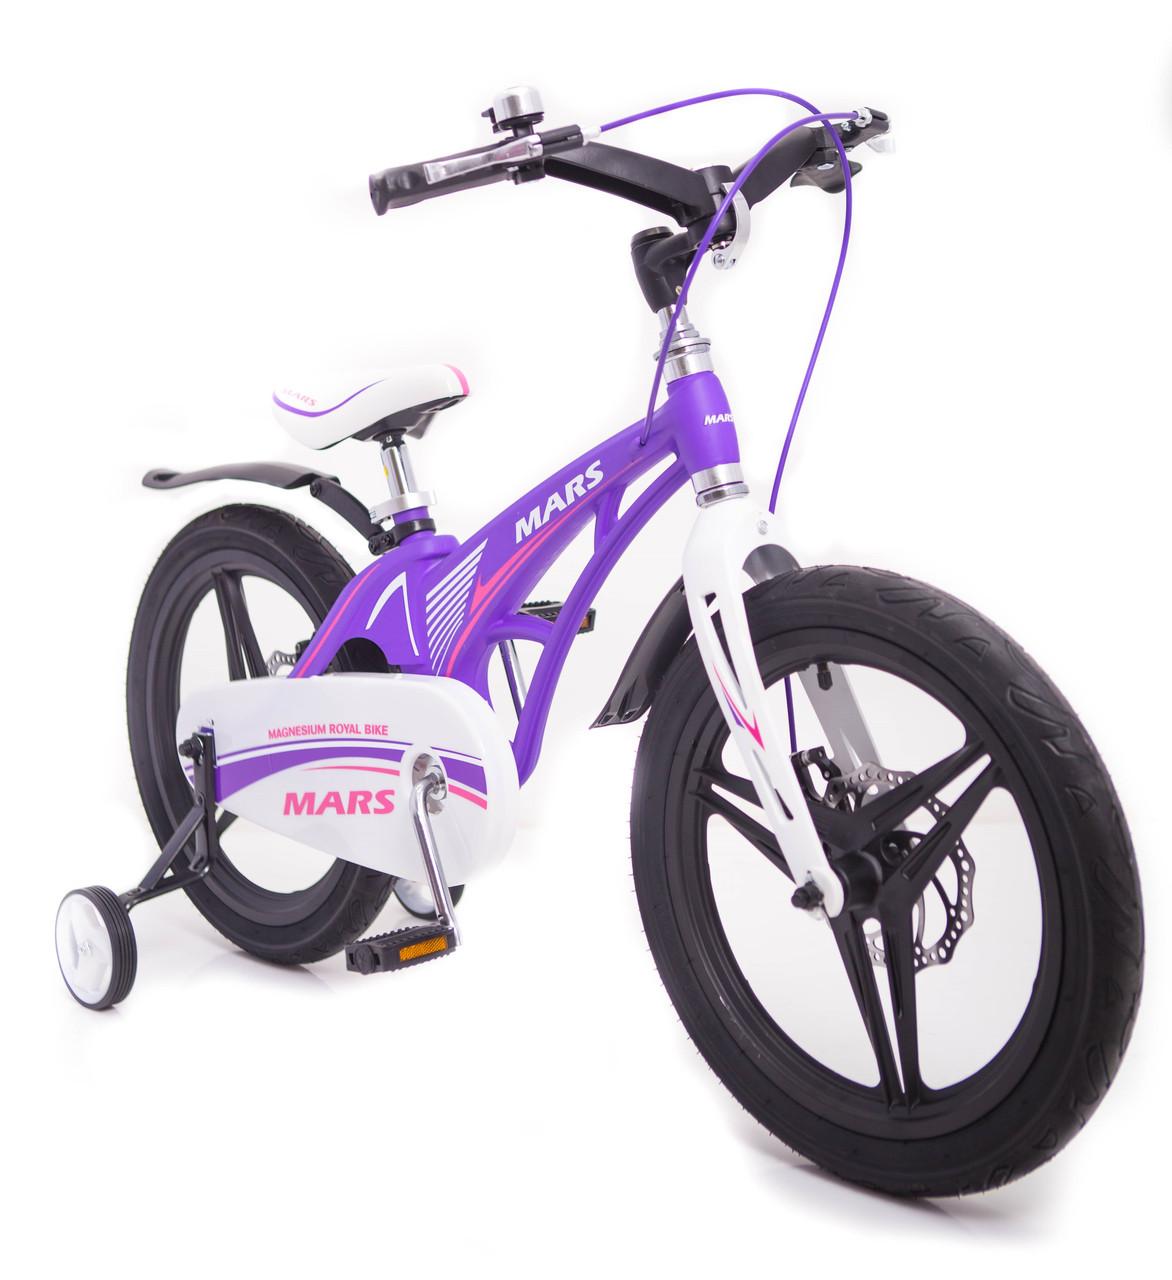 Детский легкий магниевый велосипед со складным рулем MARS-18 дюймов Черный от 8 лет Фиолетовый